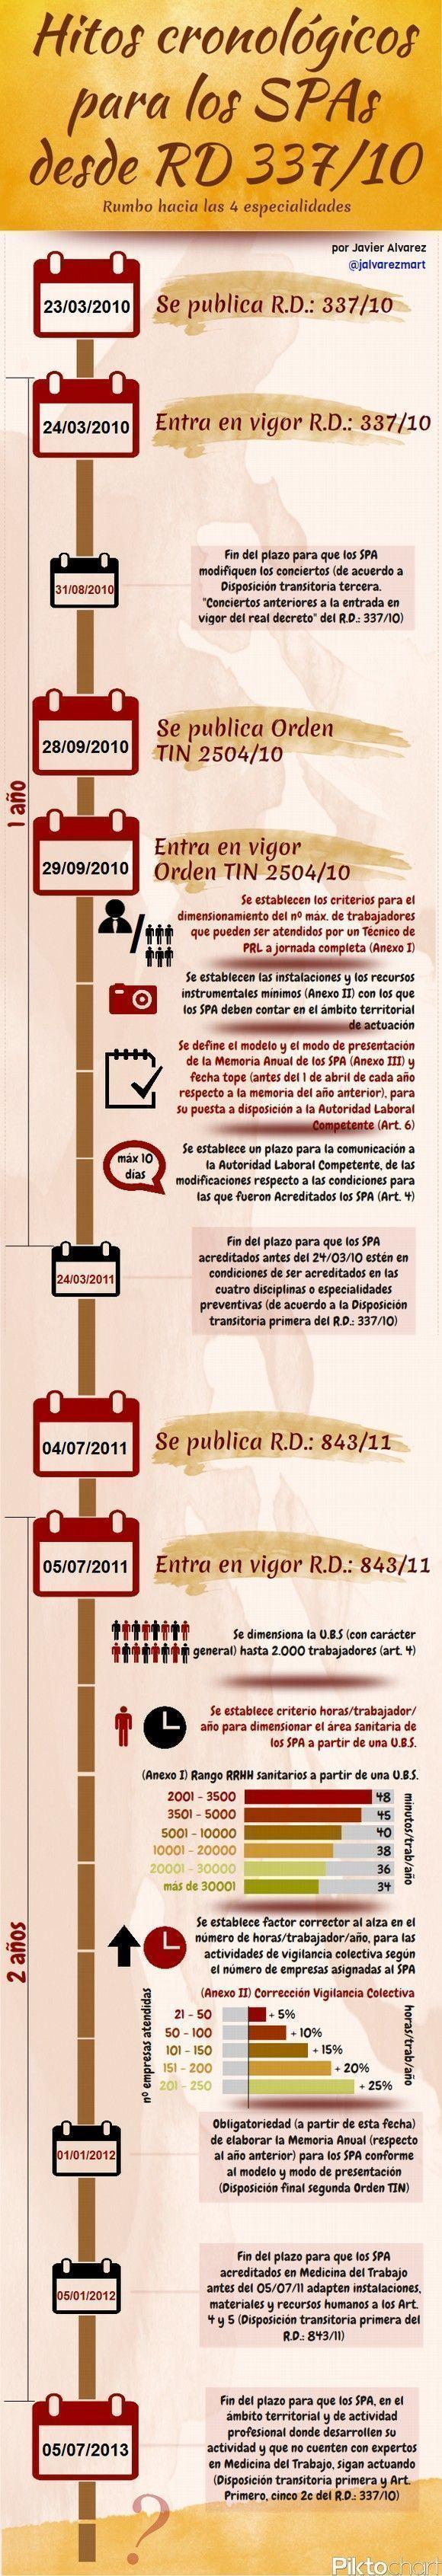 Infografía: Servicios de Prevención Ajenos y Vigilancia de la Salud. Rumbo hacia las 4 especialidades